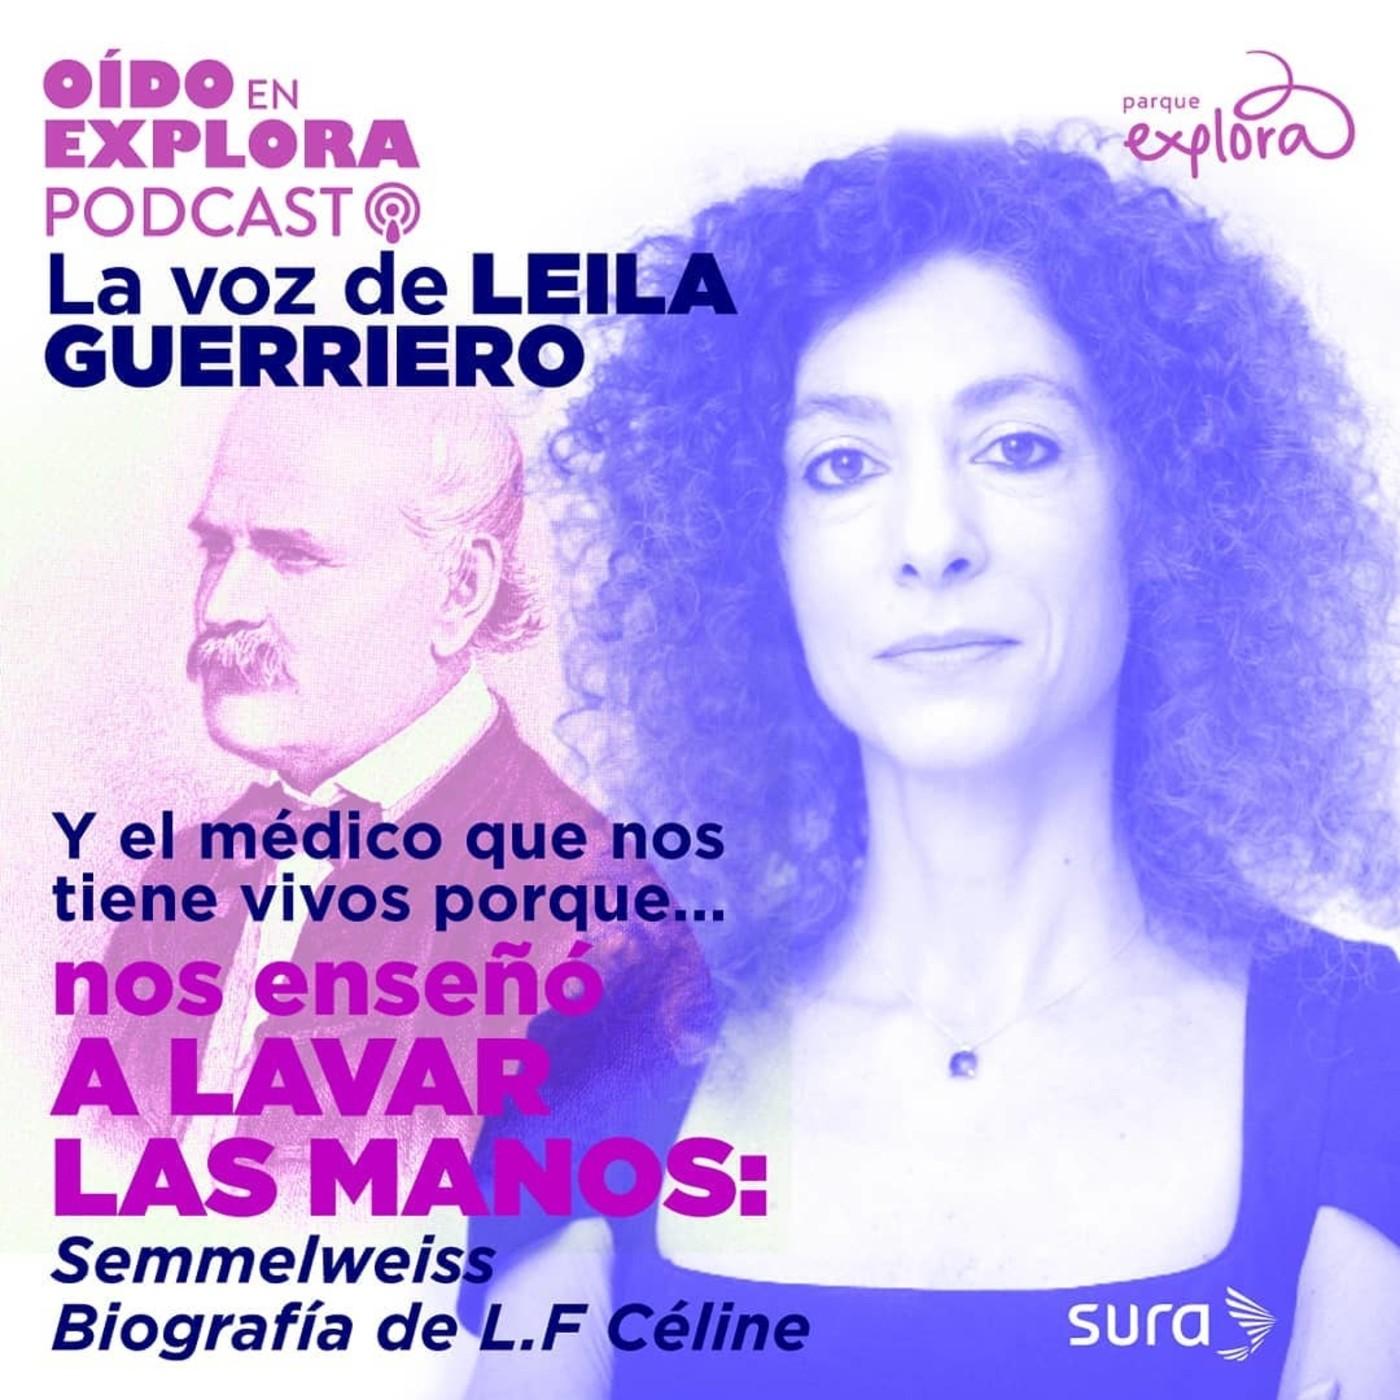 Leila Guerriero lee biografía de Semmelweiss, pionero del lavado de manos